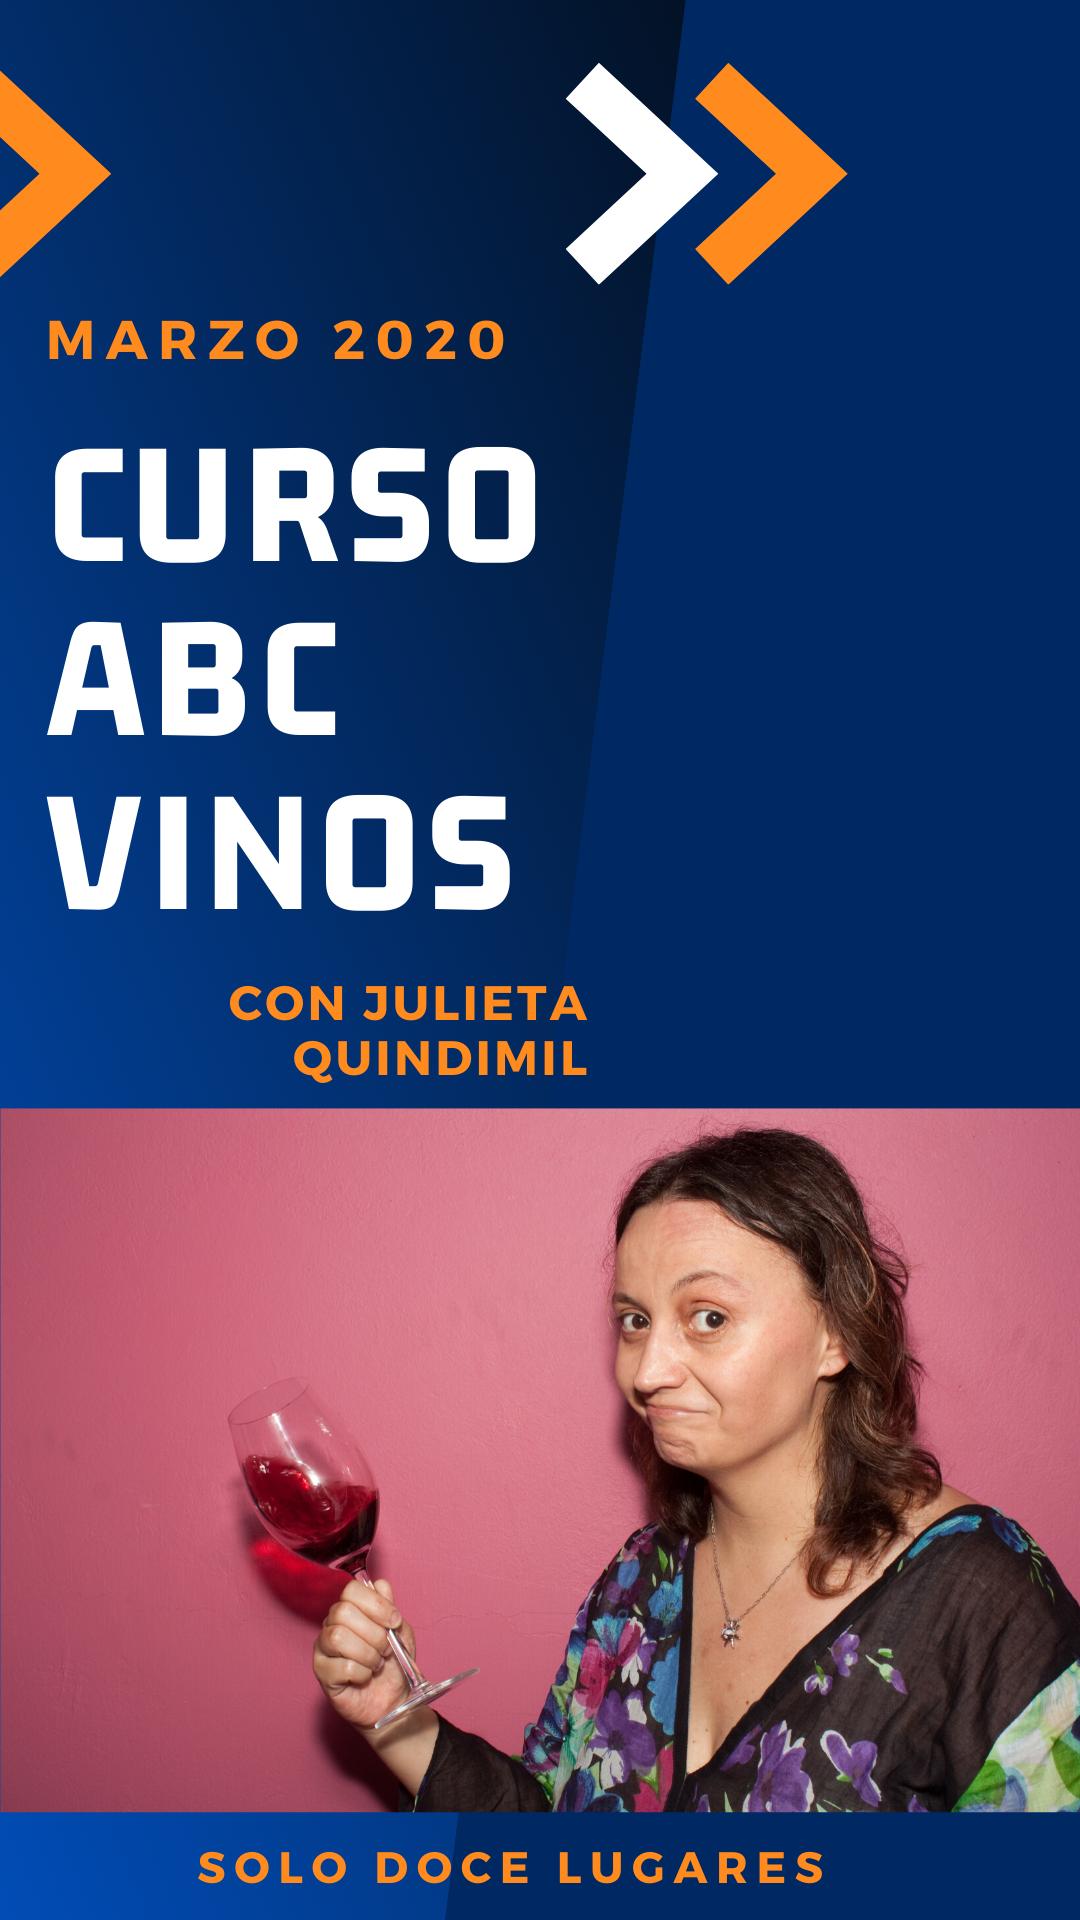 CURSO ABC VINOS